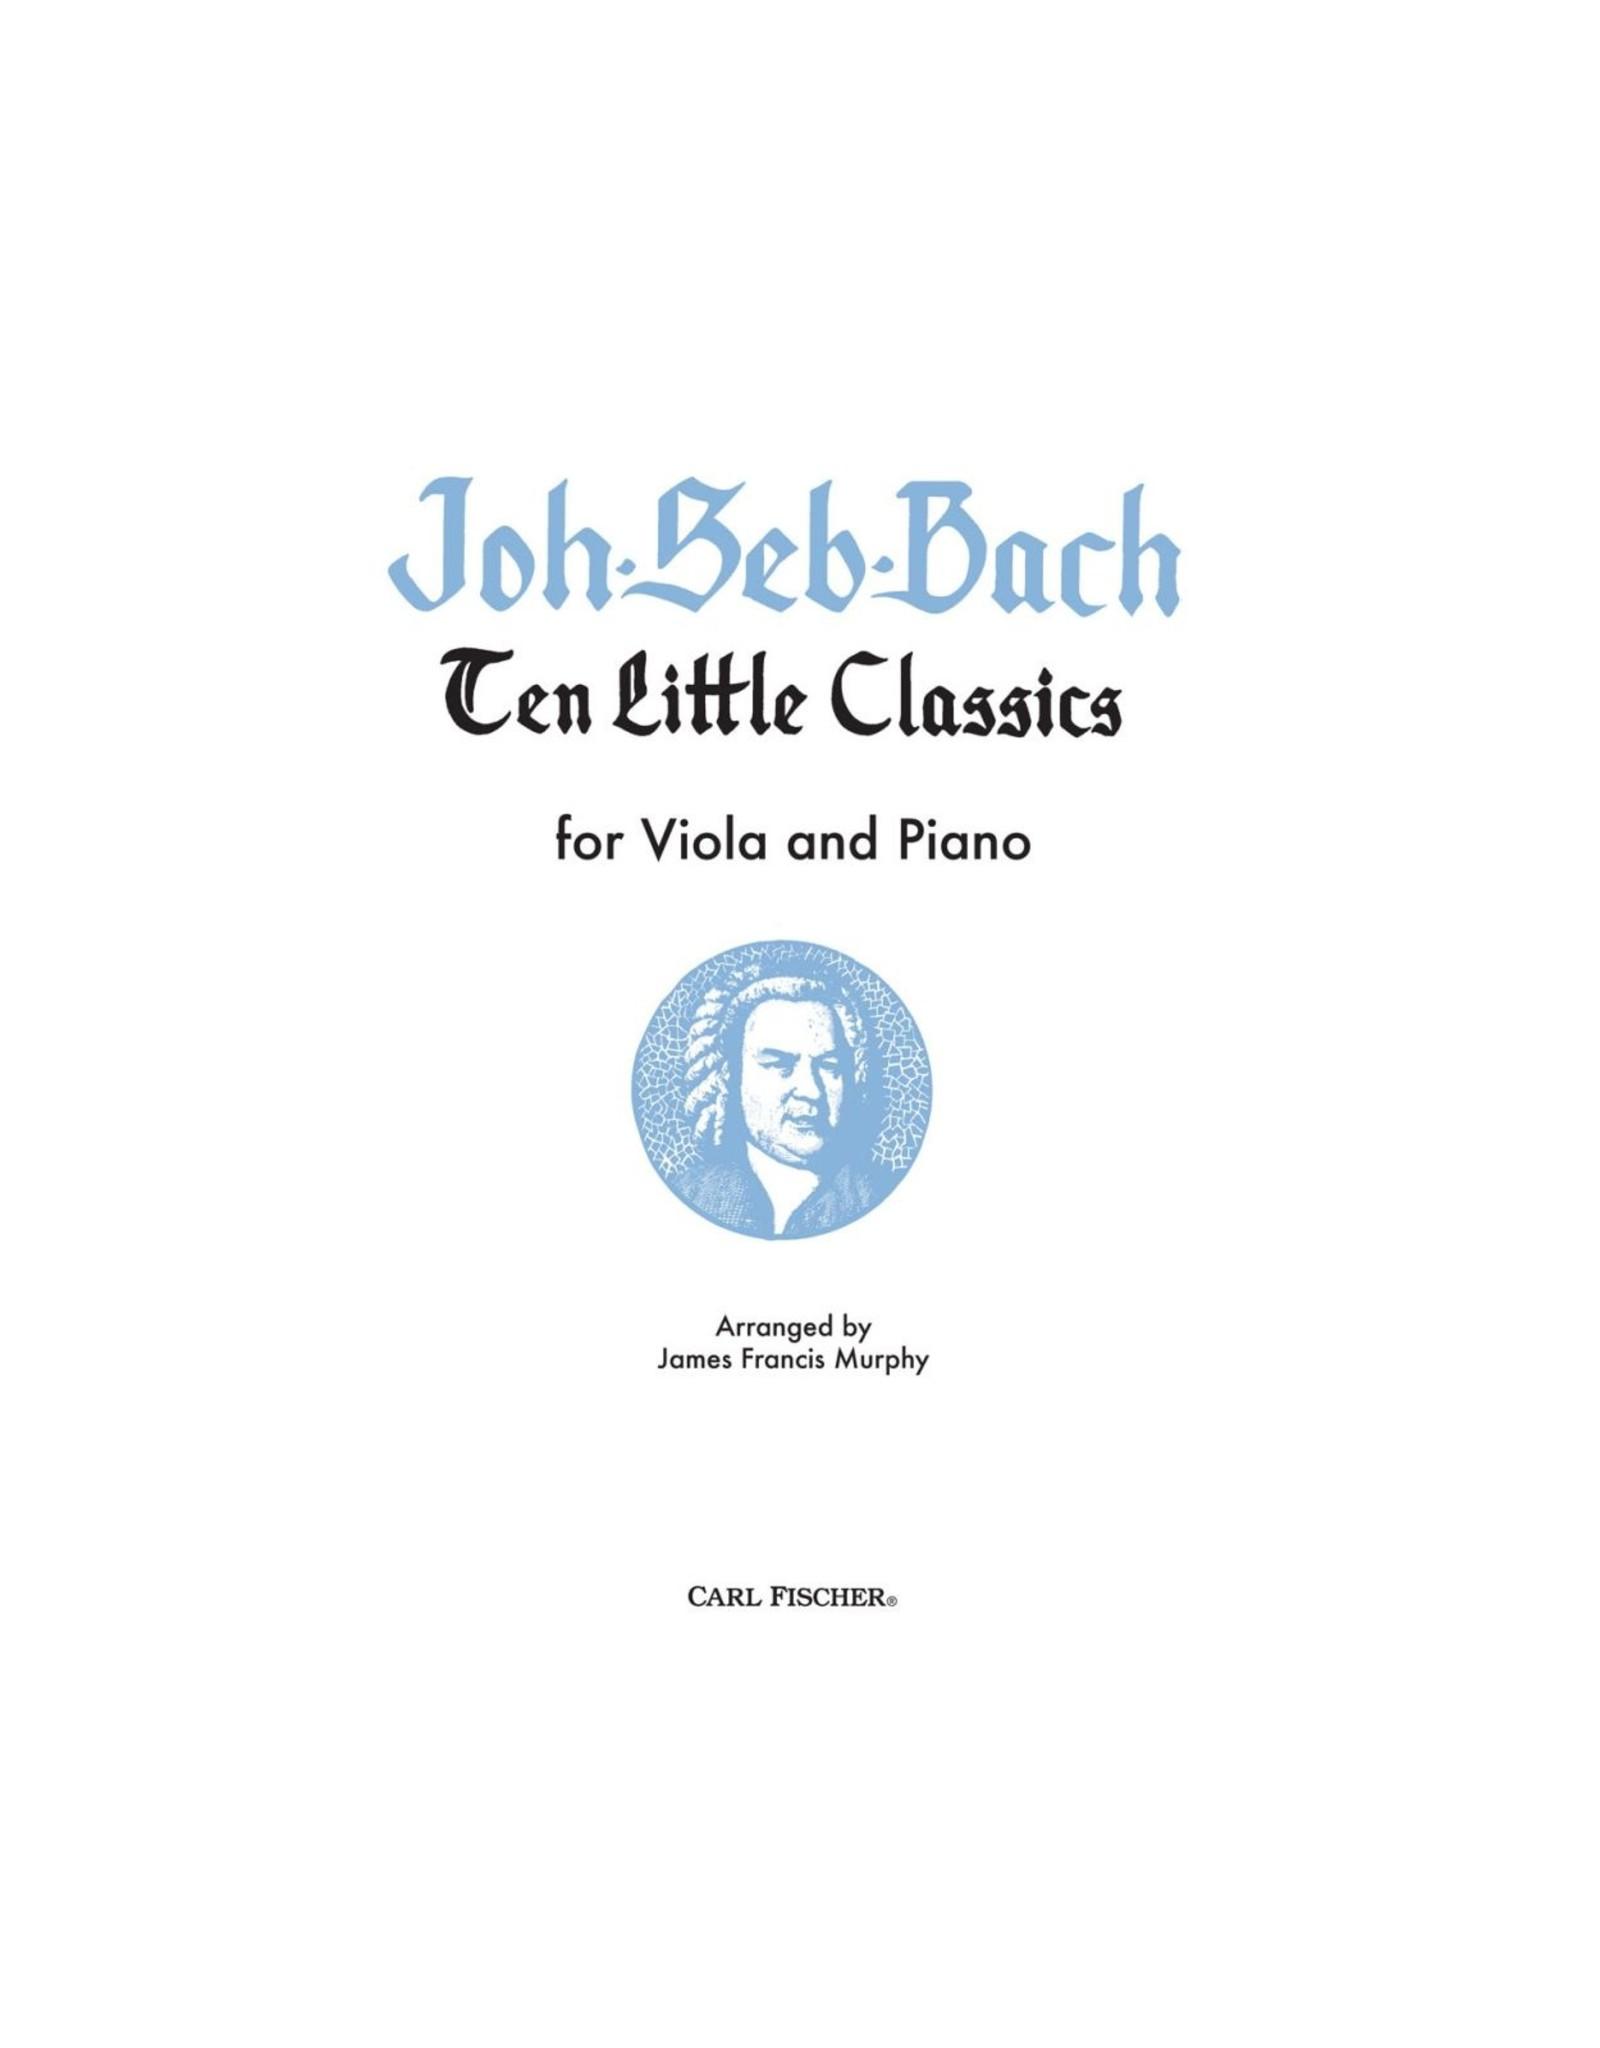 Carl Fischer LLC Bach Ten Little Classics Viola, Piano - Johann Sebastian Bach James Francis Murphy